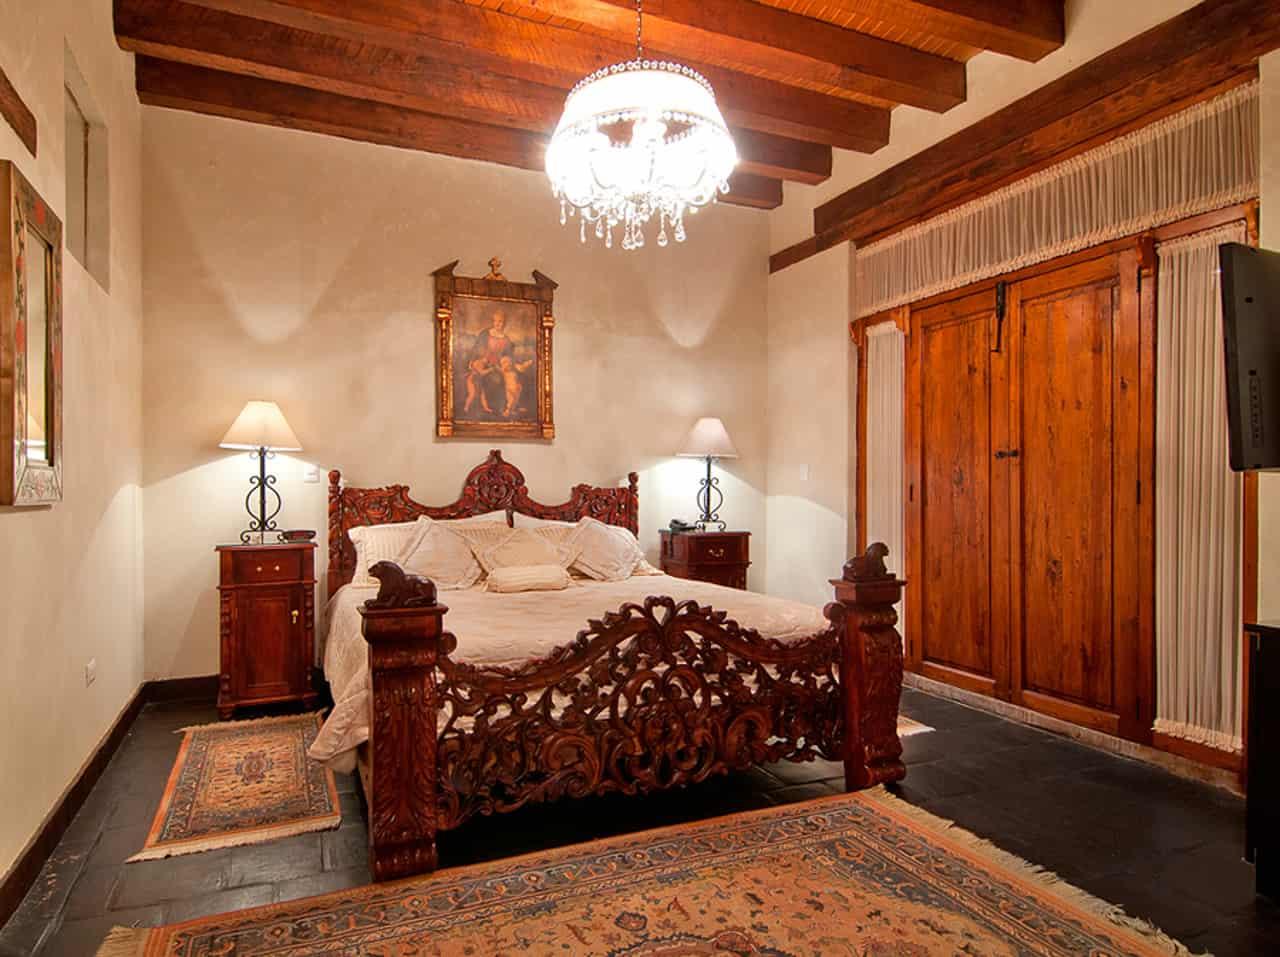 Dónde hospedarse en Pátzcuaro Michoacán. Hotel Mansión de los sueños. Foto: Mansión de los sueños